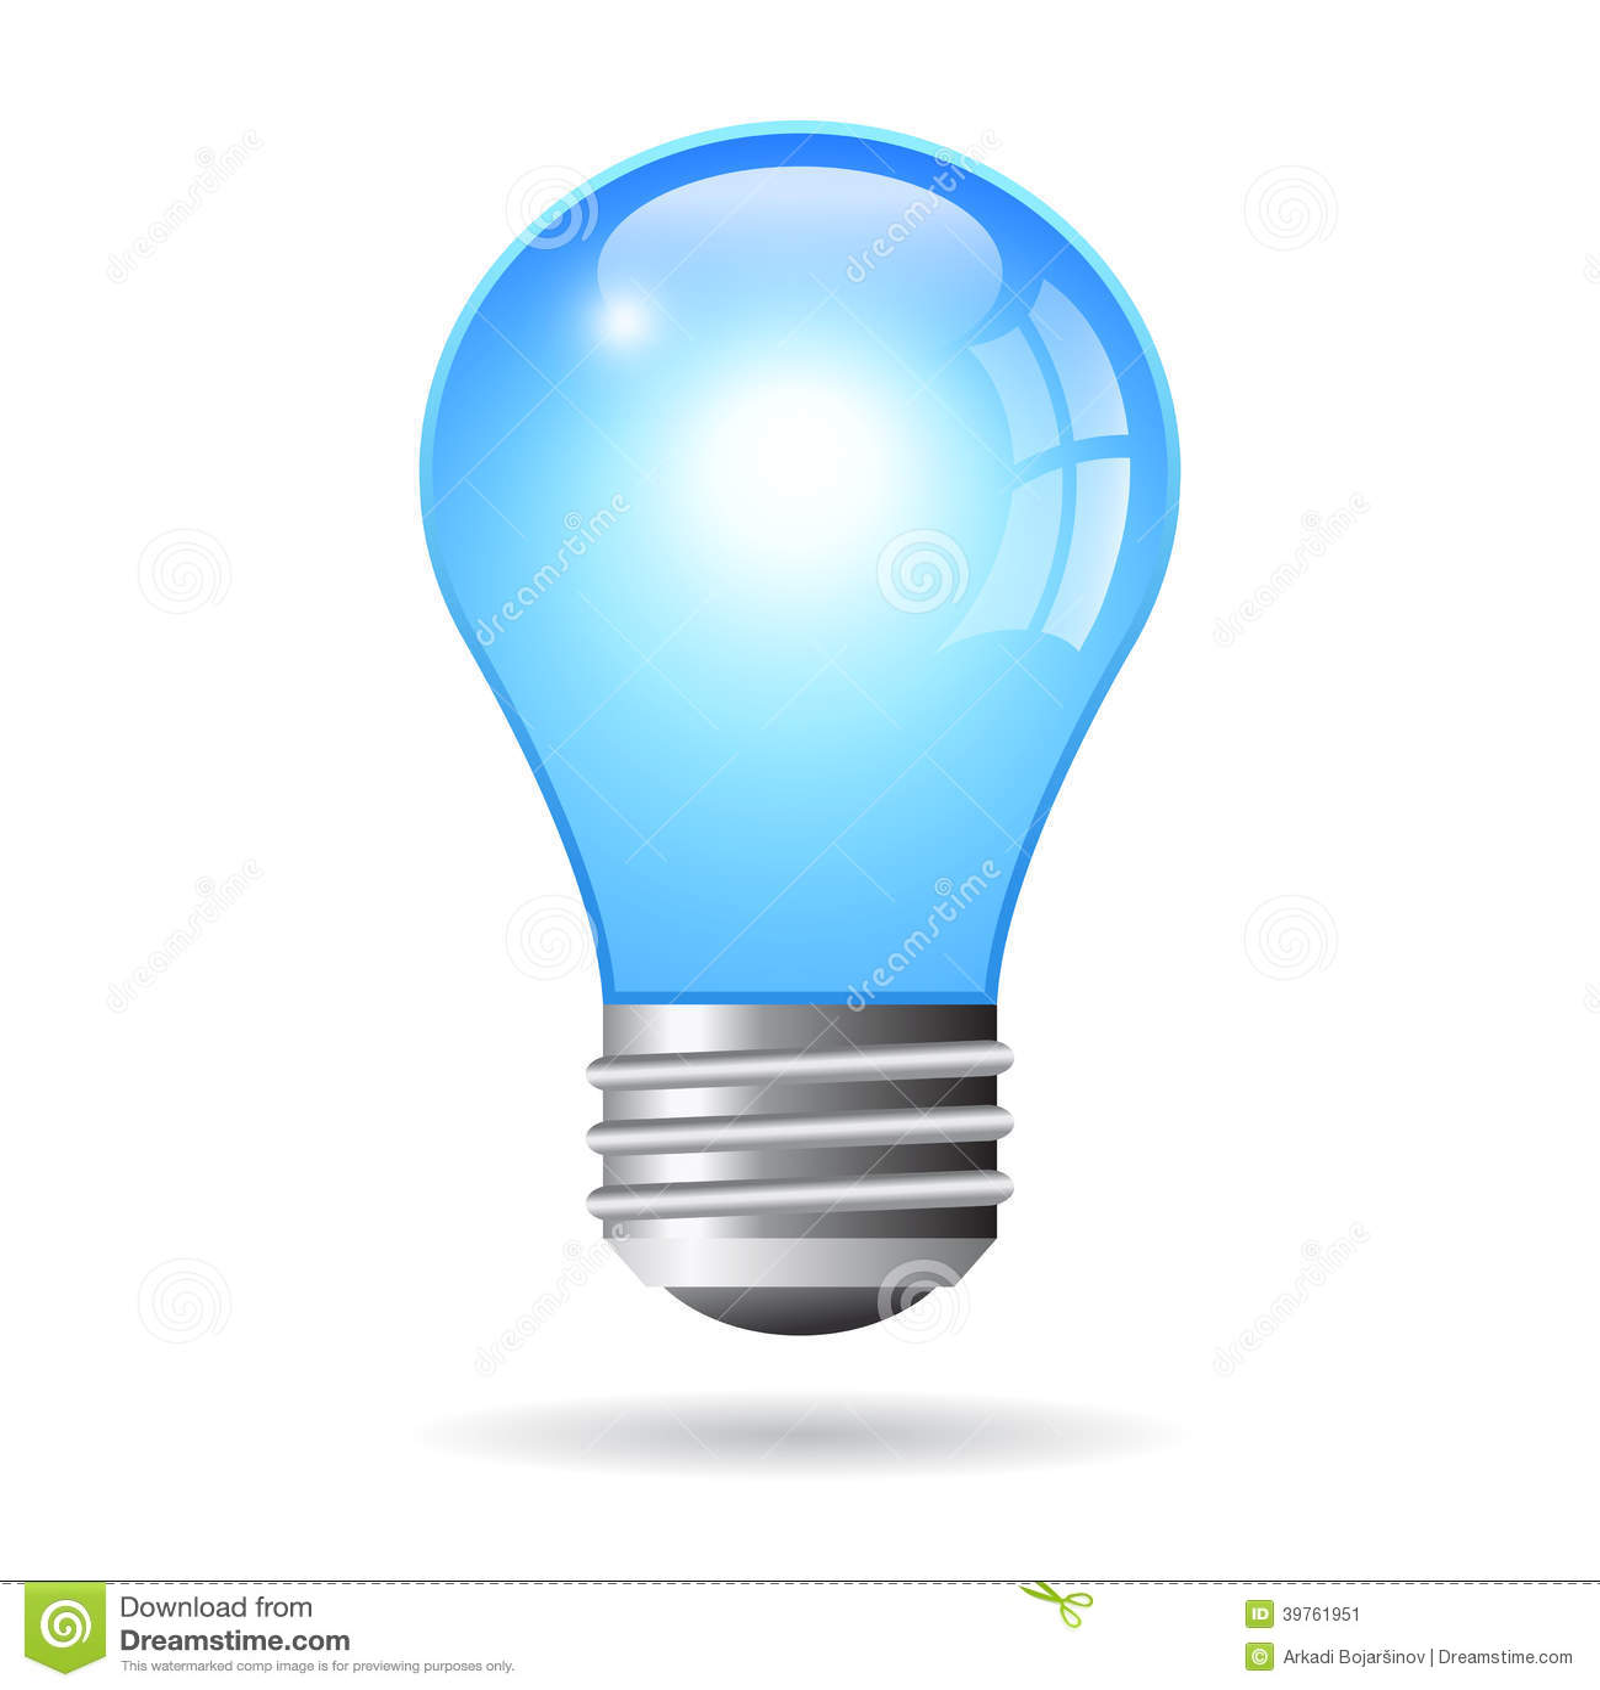 ampoule lectrique de vecteur illustration de vecteur image 39761951. Black Bedroom Furniture Sets. Home Design Ideas